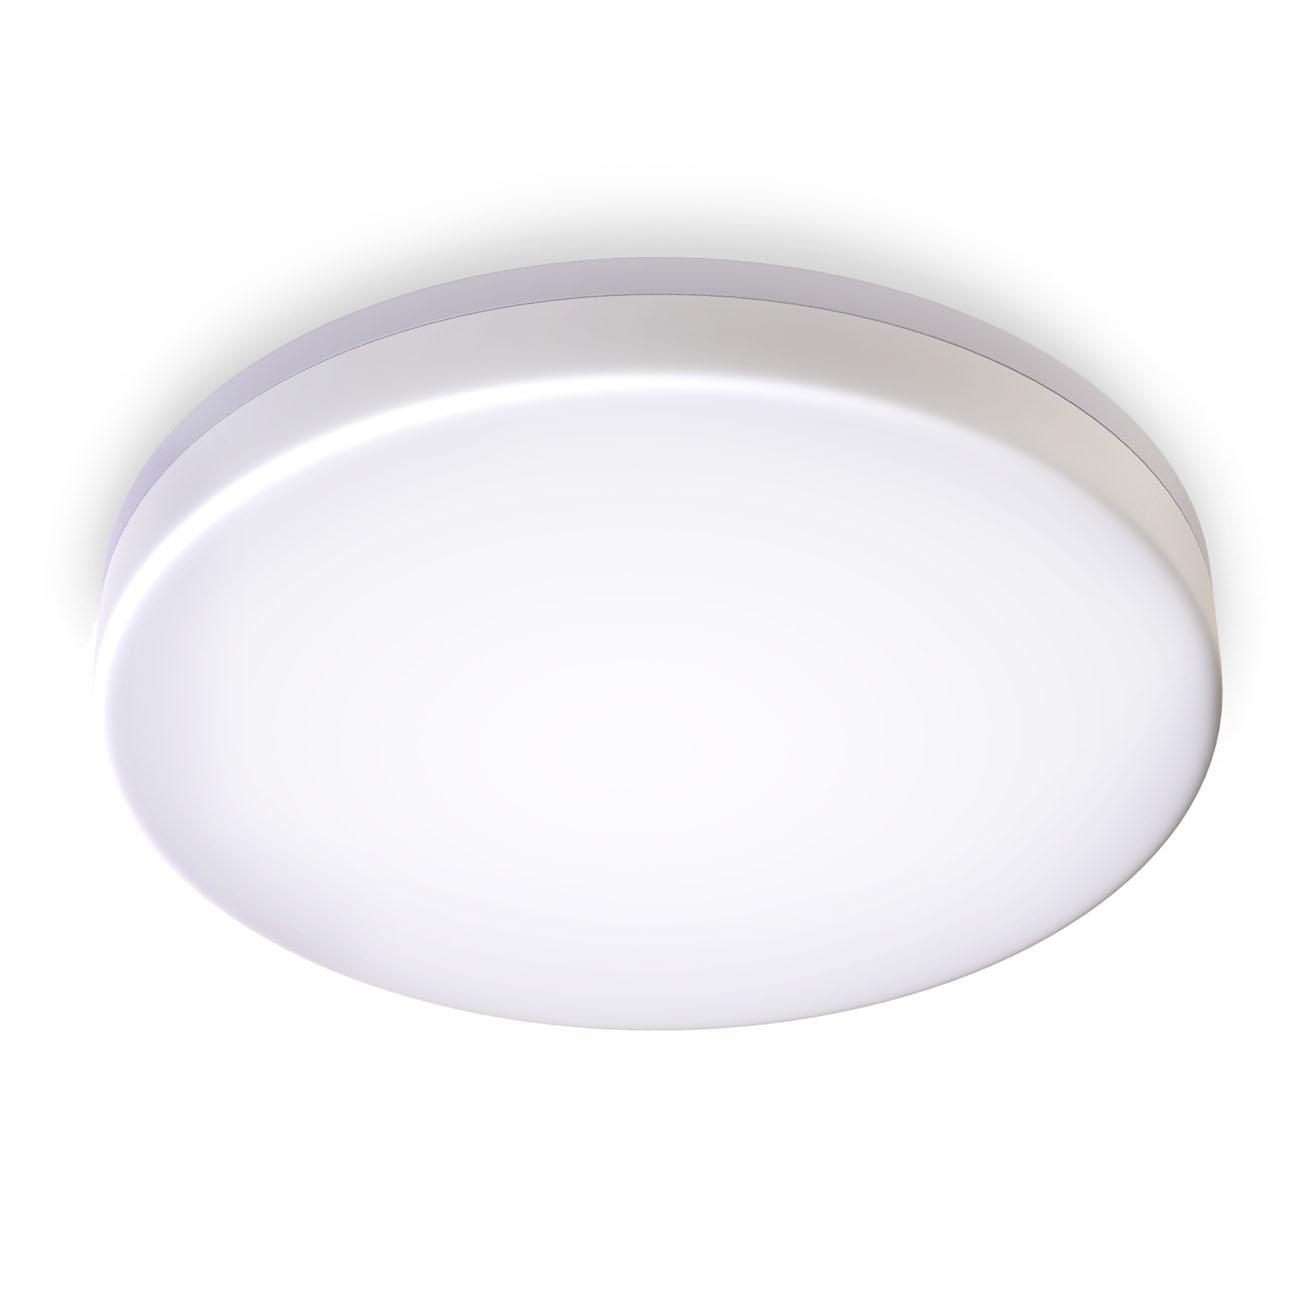 LED Deckenleuchte Badlampe IP54 M